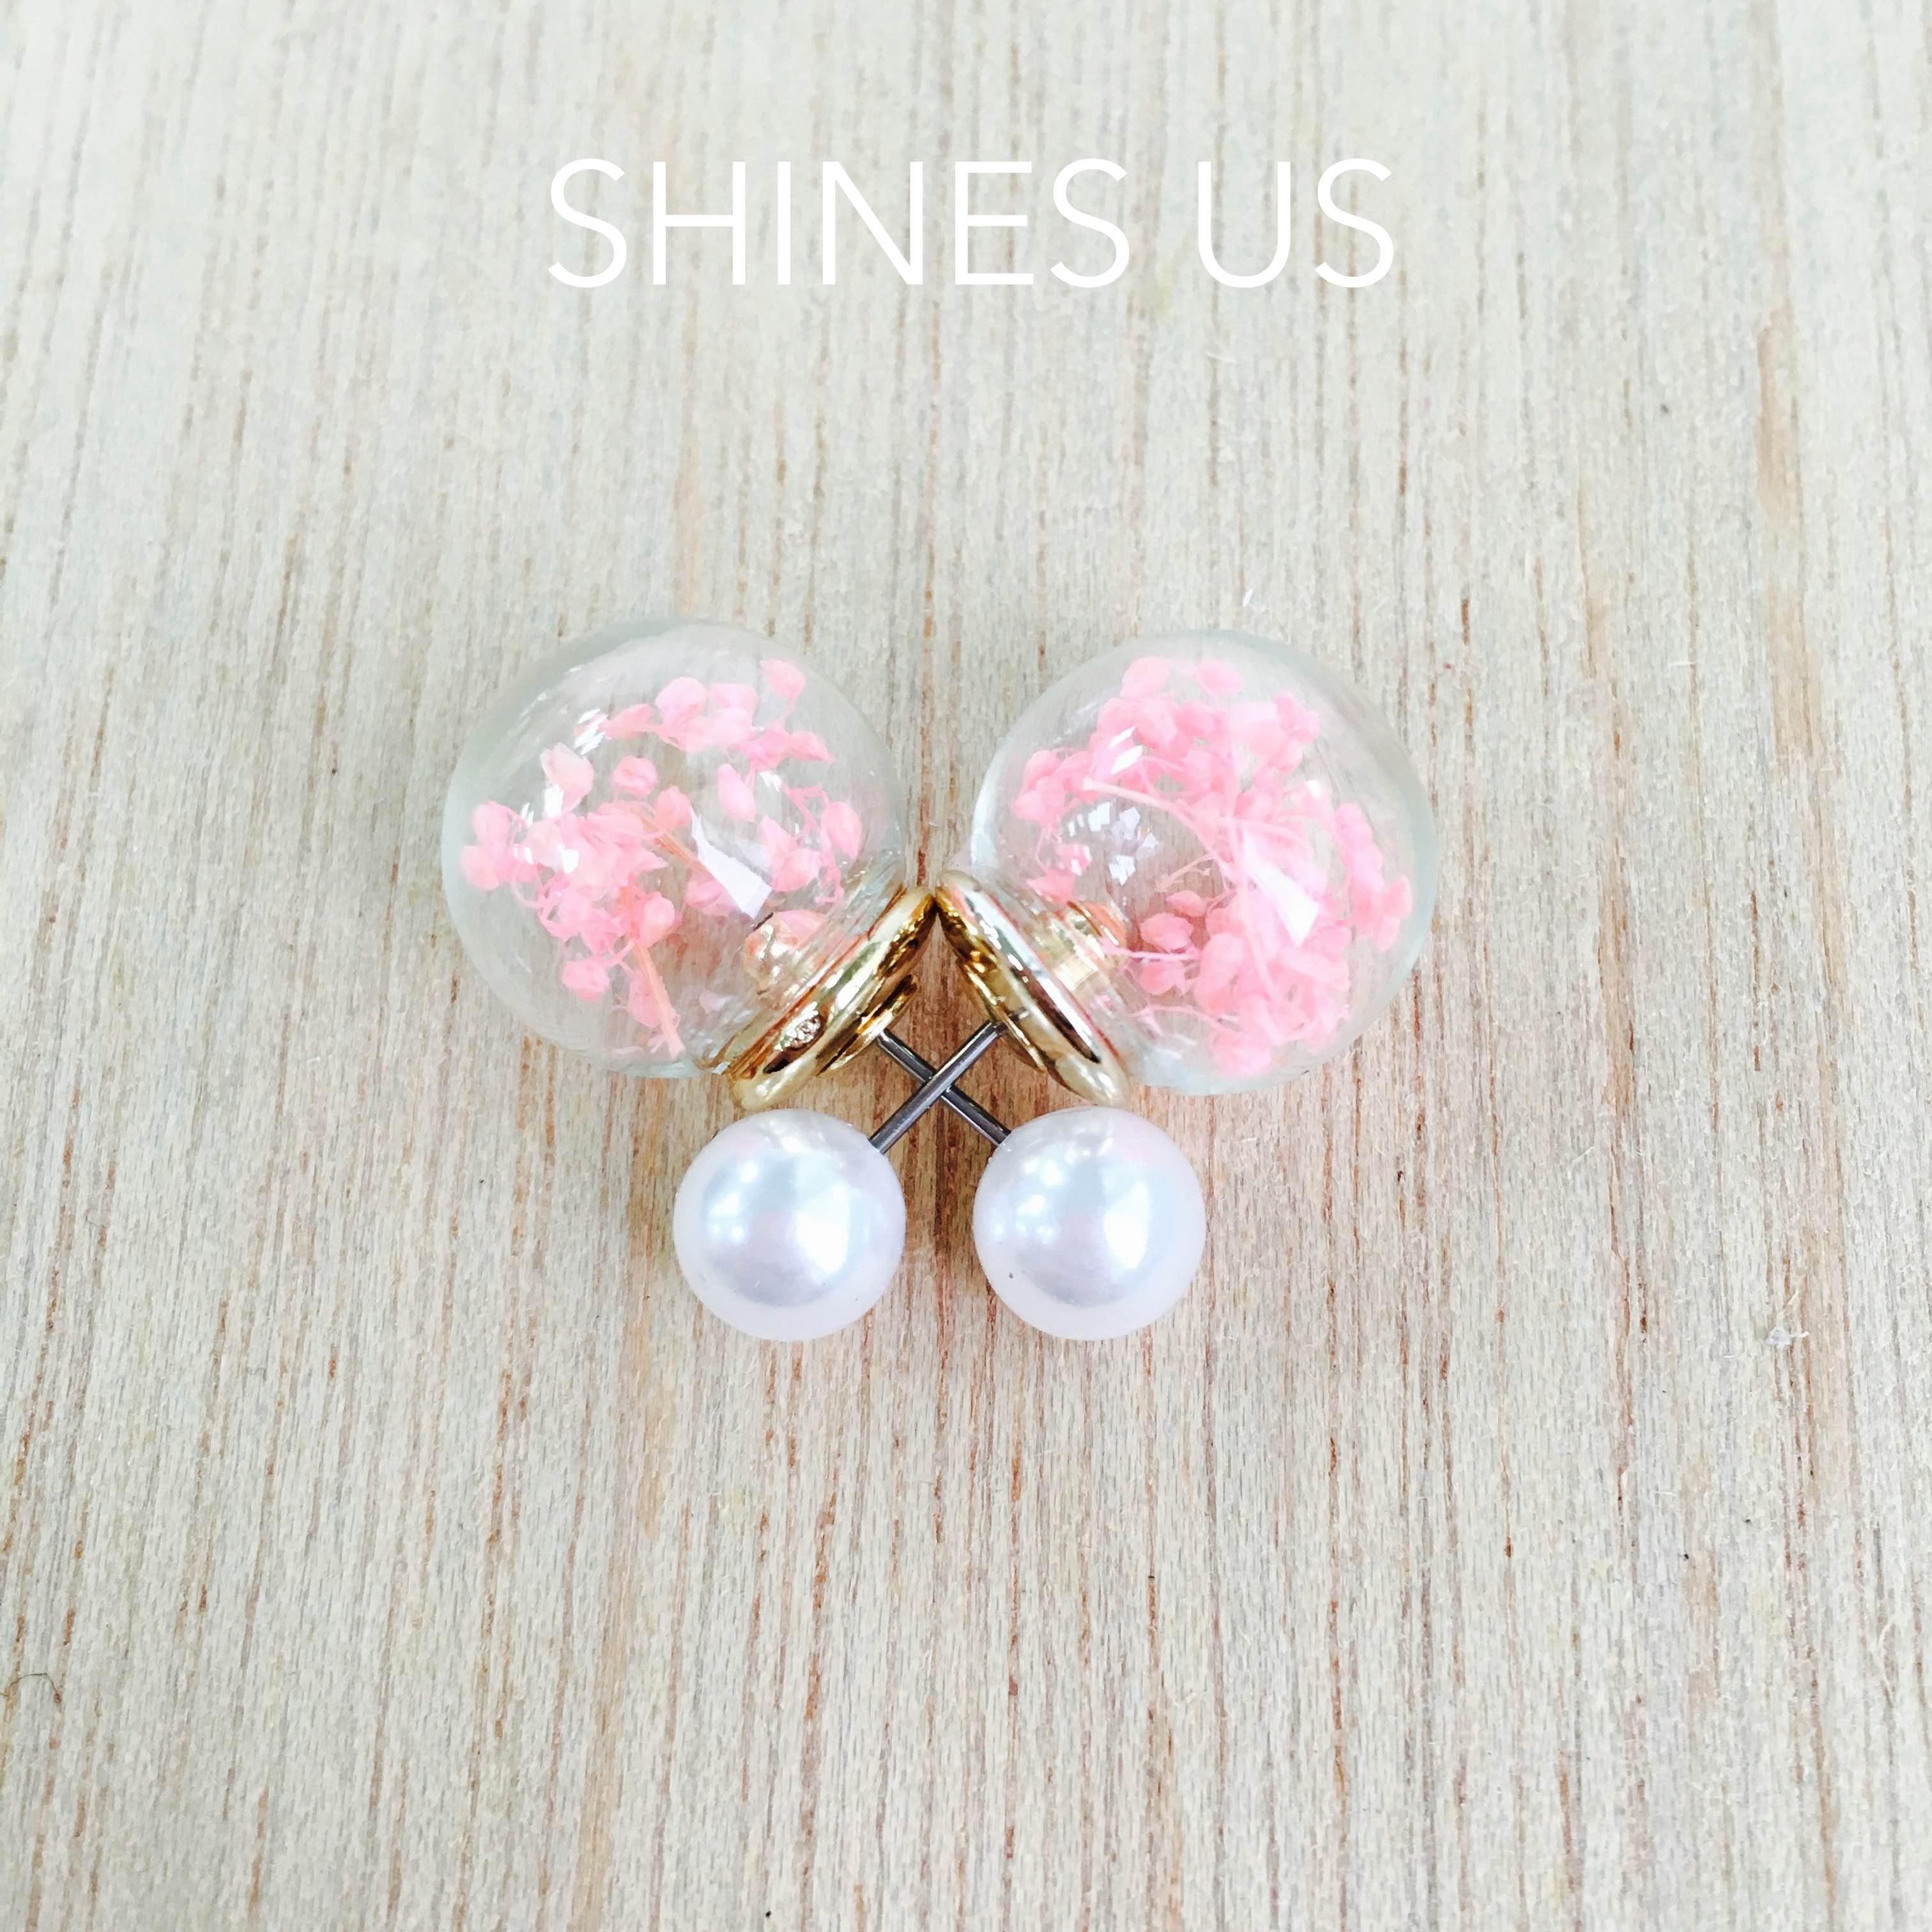 【SHINES US】正韓 小花花玻璃球雙面珍珠耳釘耳環